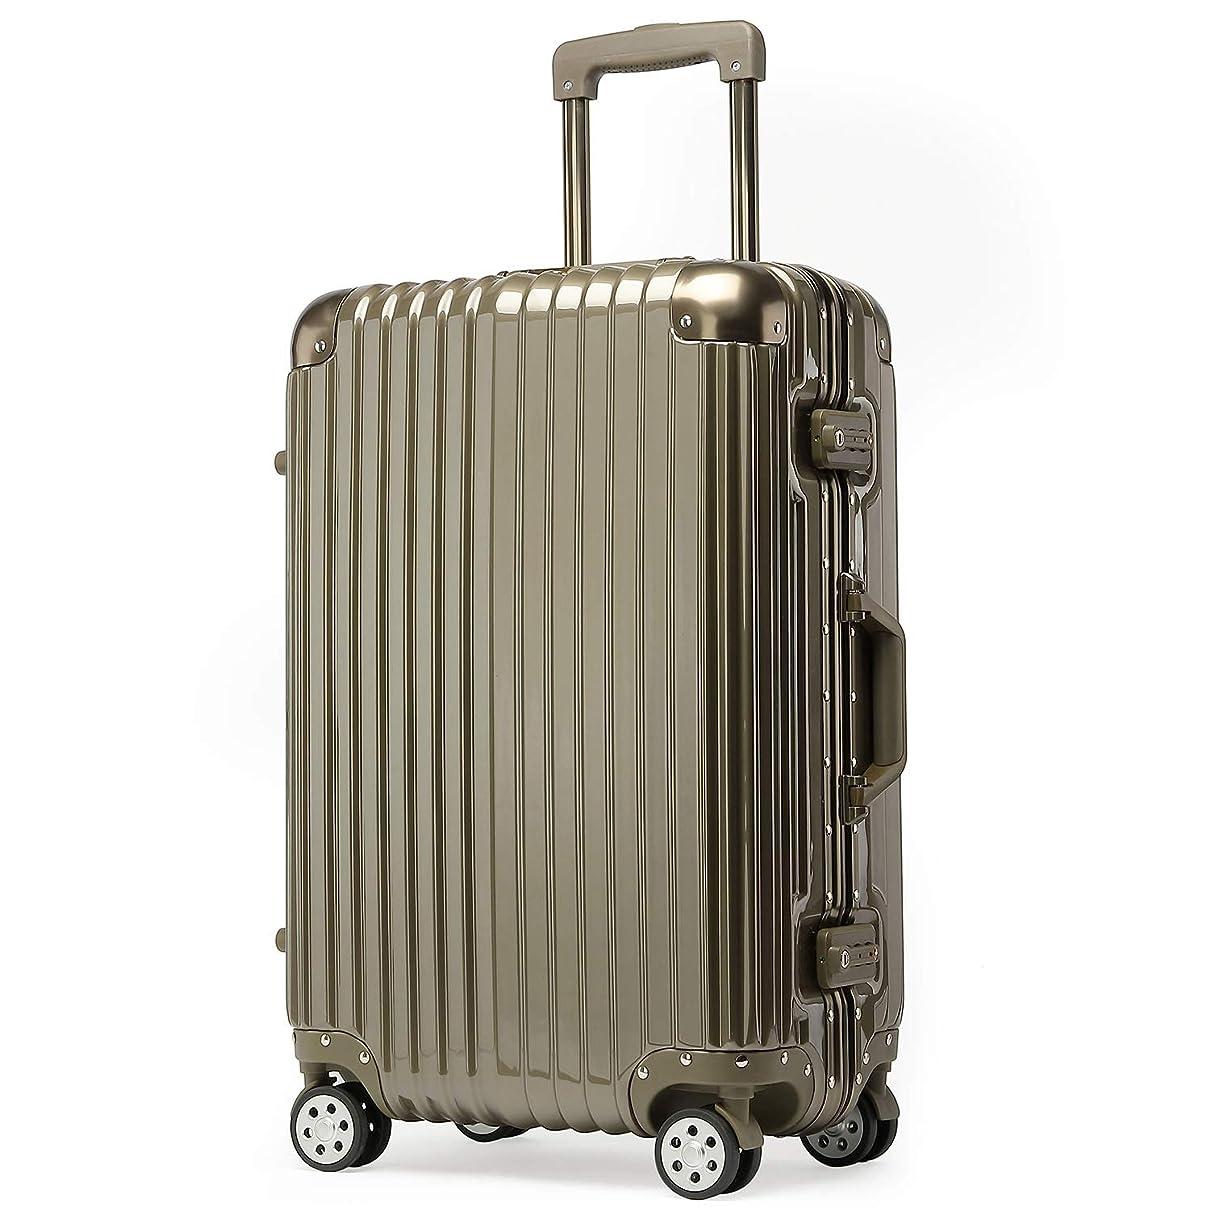 事前器官タオルクロース(Kroeus)スーツケース キャリーケース 耐衝撃 仕切り板 クロスベルト付き メッシュポケット 海外旅行 出張 360度静音キャスター 保護用ガード TSAロック 大容量